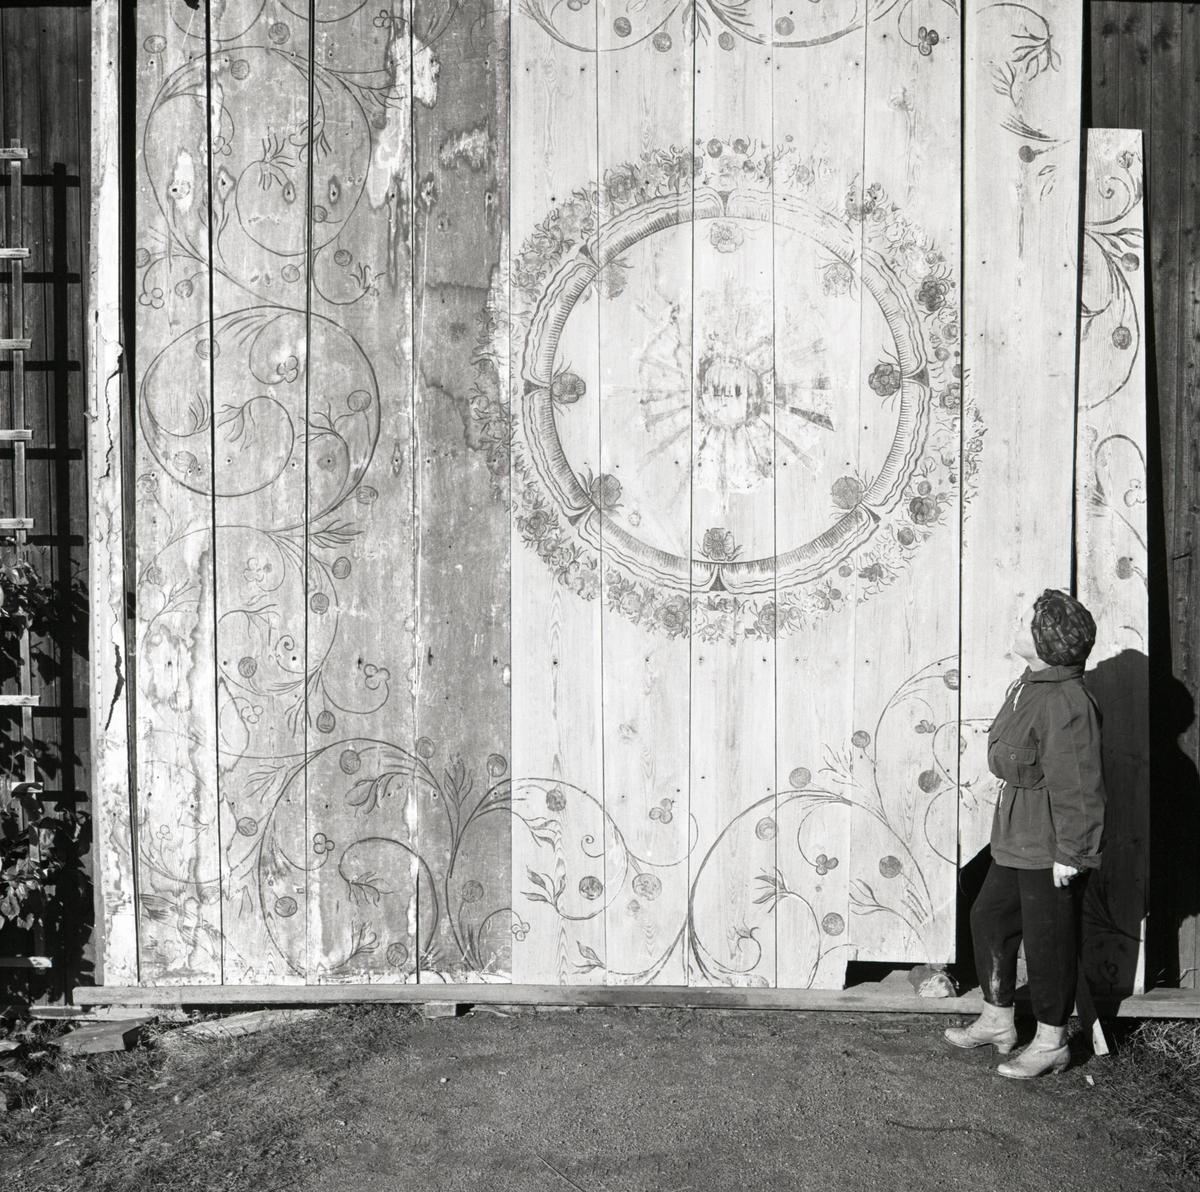 En kvinna står intill ett innertak vilket är lutat mot en vägg, 1968-1969.